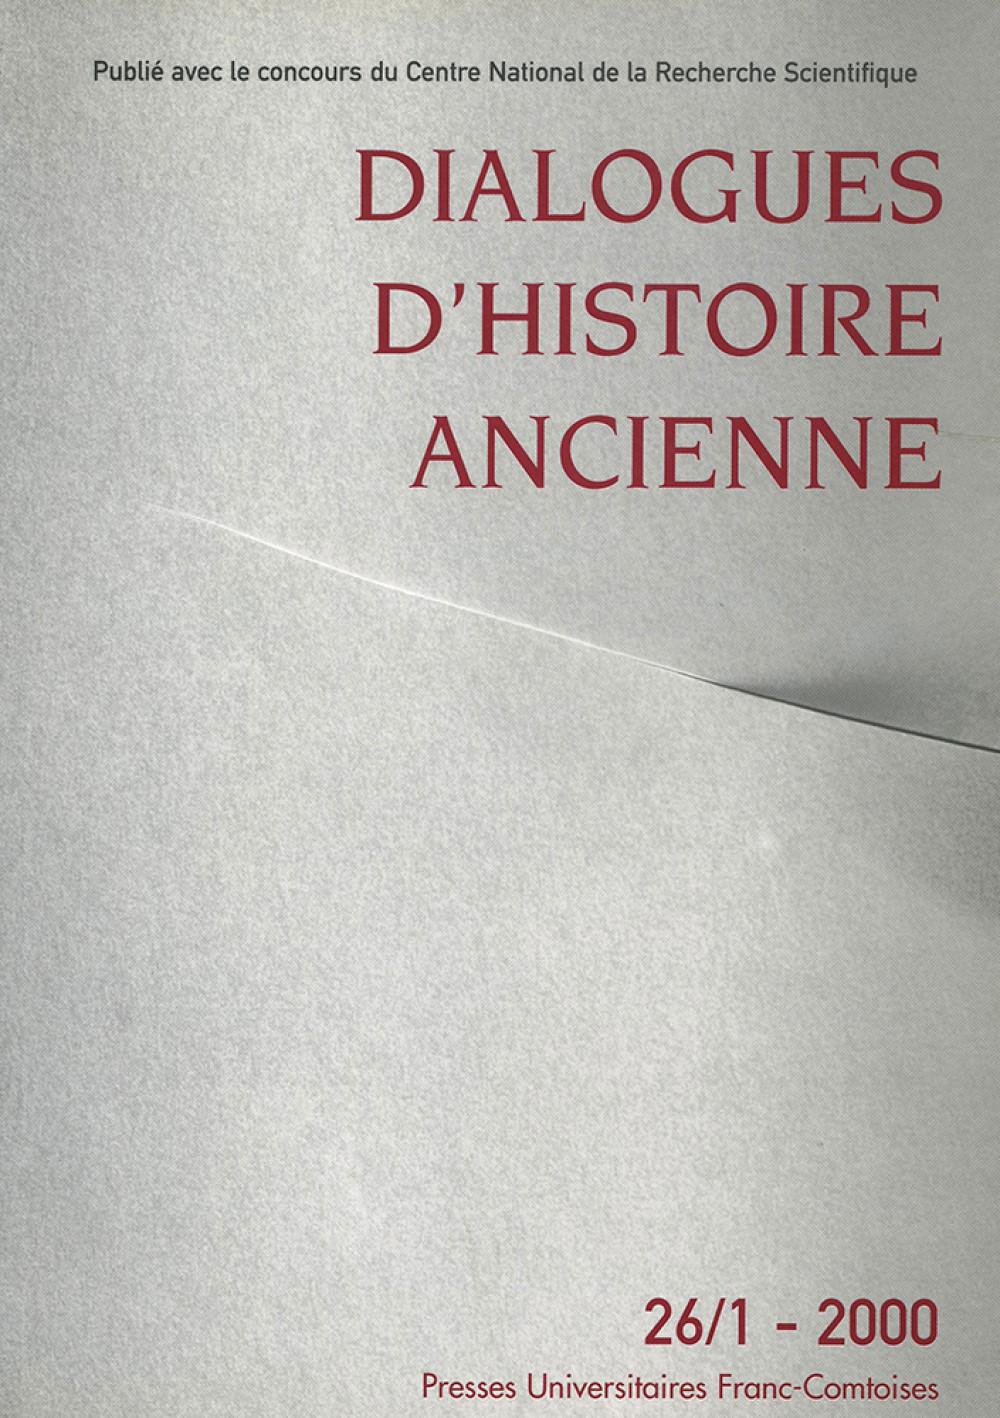 Dialogues d'Histoire Ancienne 26/1